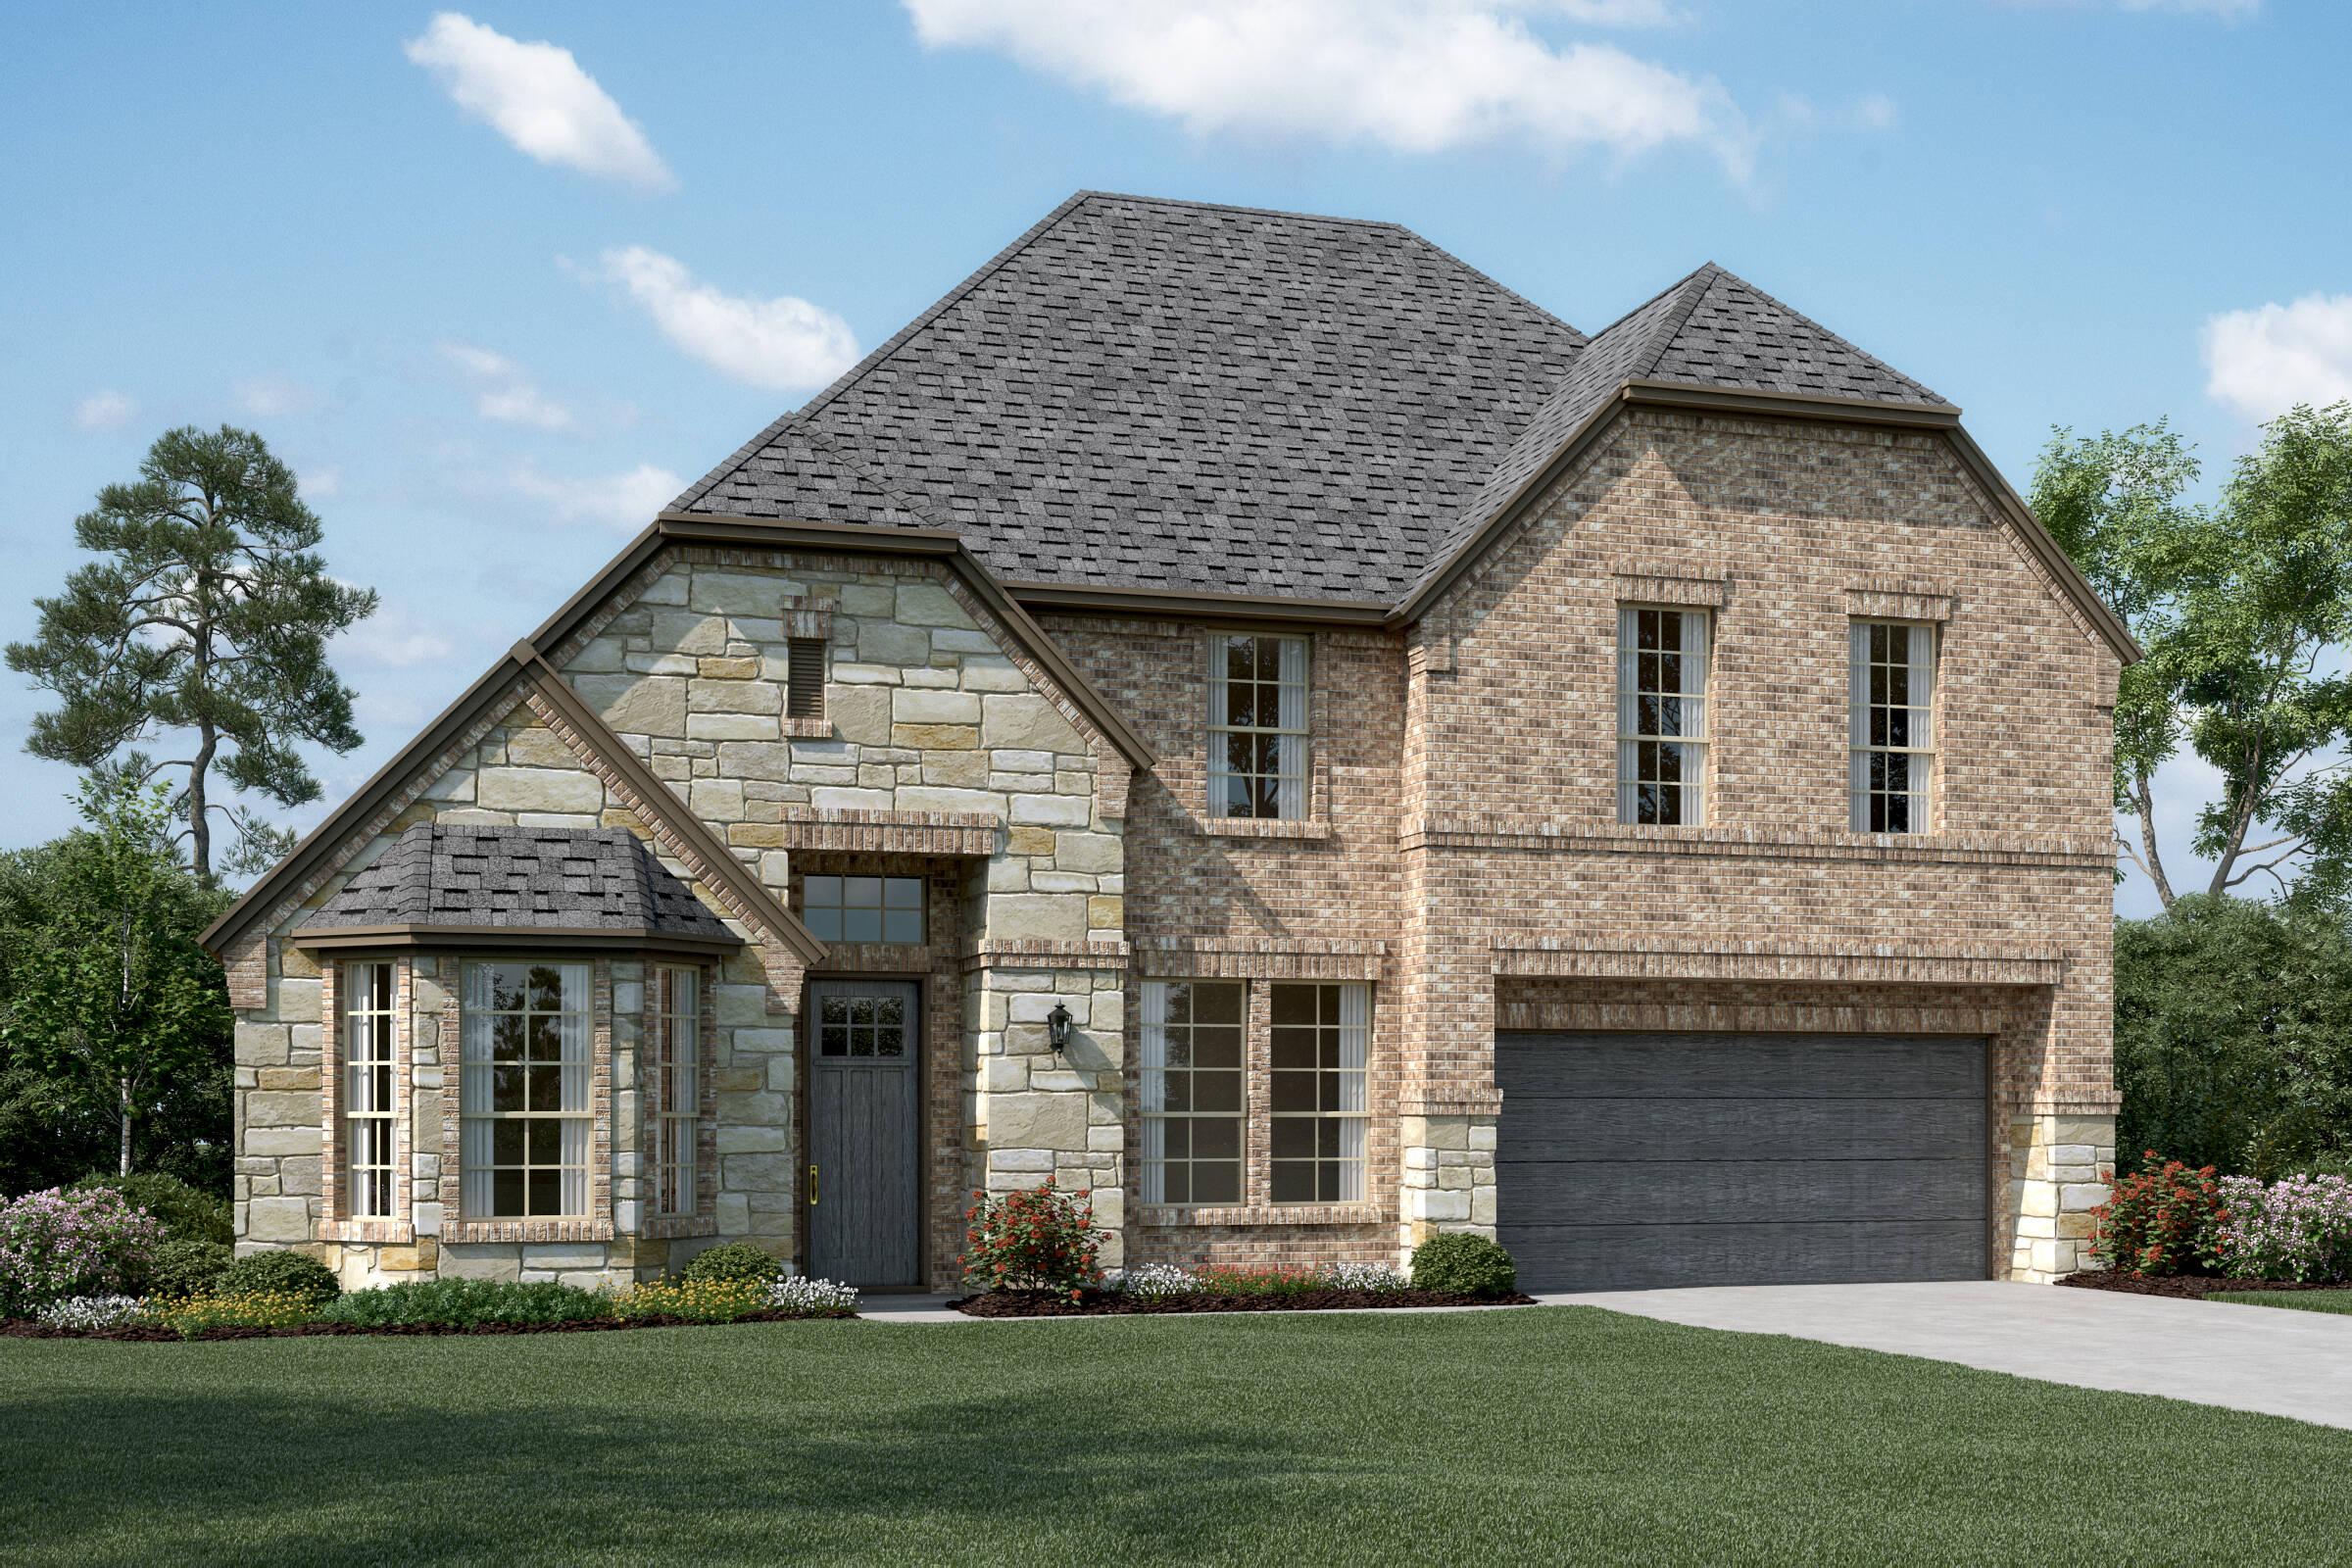 Clarendon V E Stone new homes dallas tx